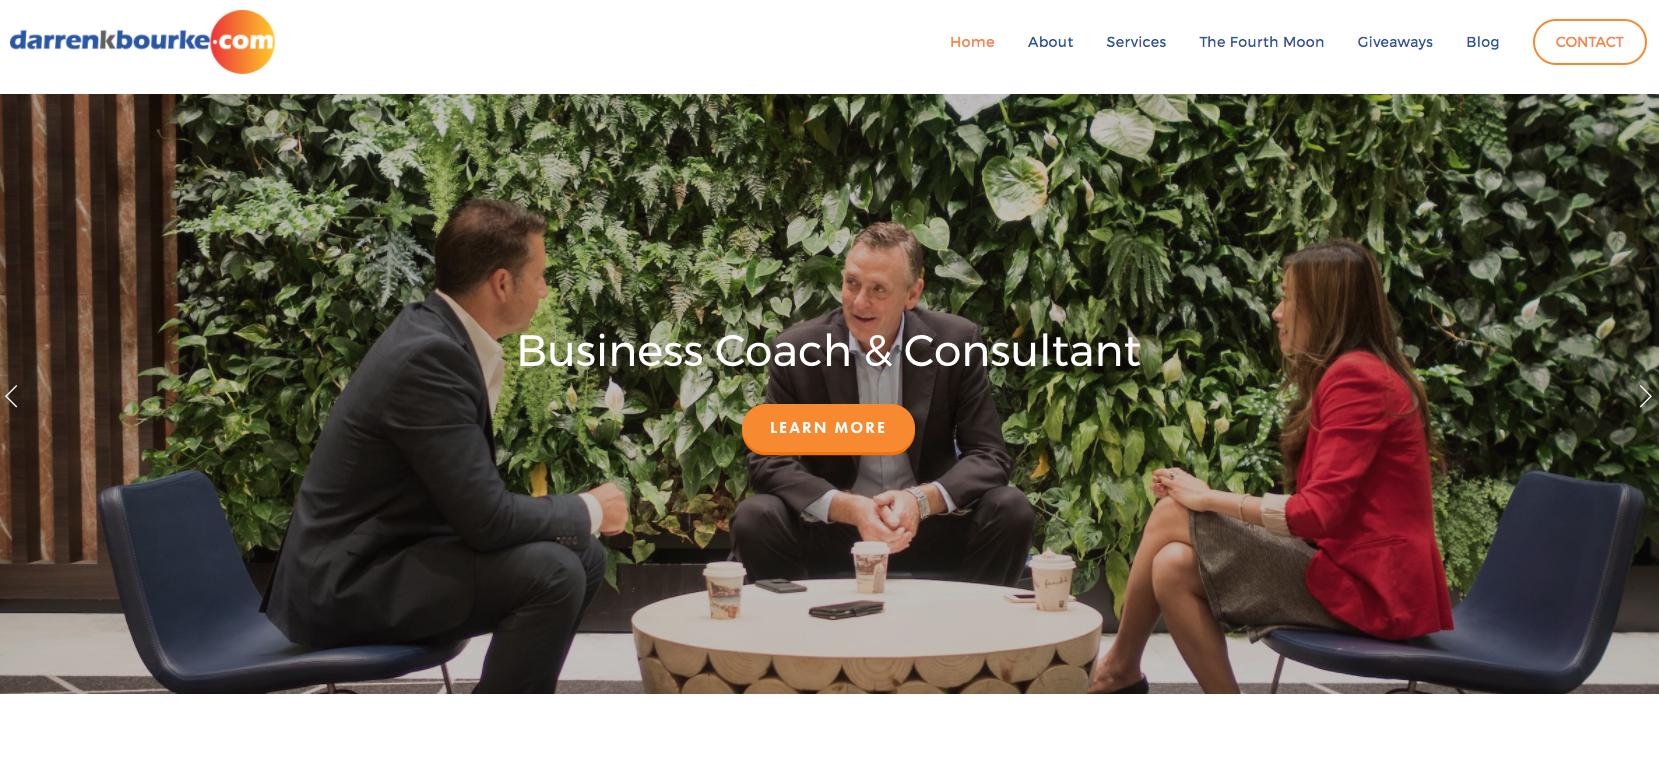 Darren Bourke website by Social Star